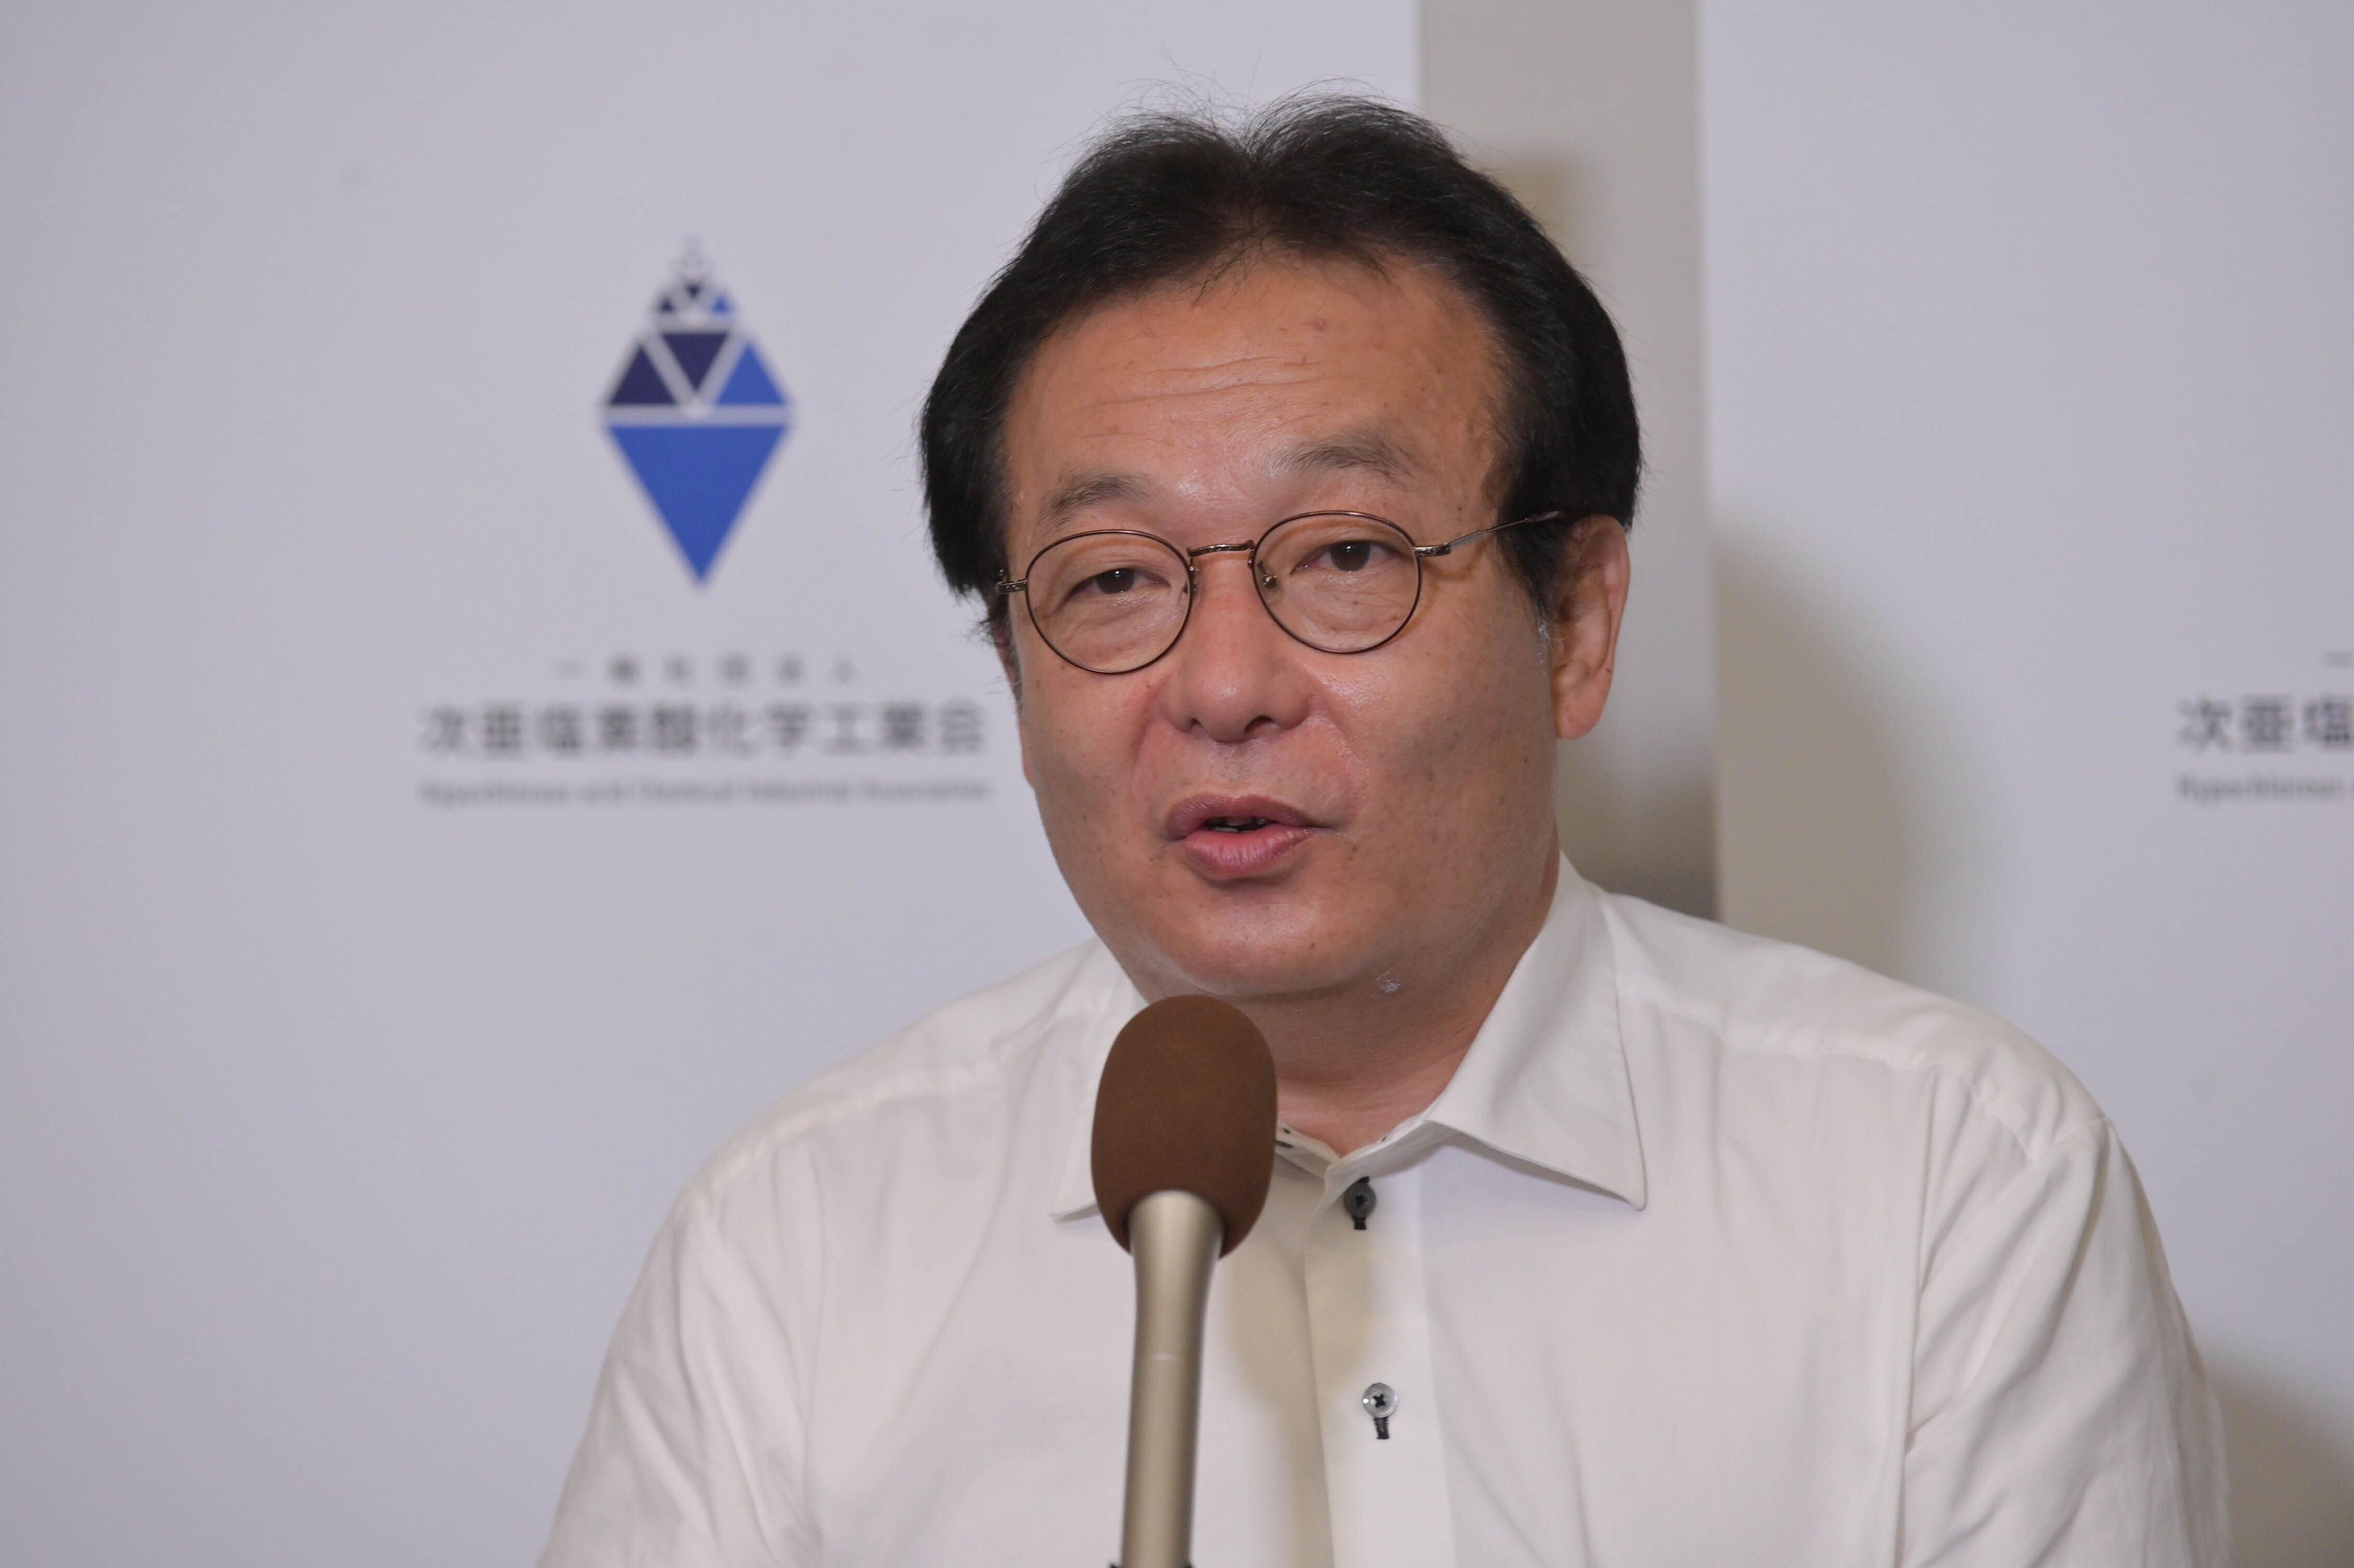 【コロナに勝つ!ニッポンの会社】アルコールの代役として注目される「次亜塩素酸水」 業界団体を立ち上げ「活用」を後押し